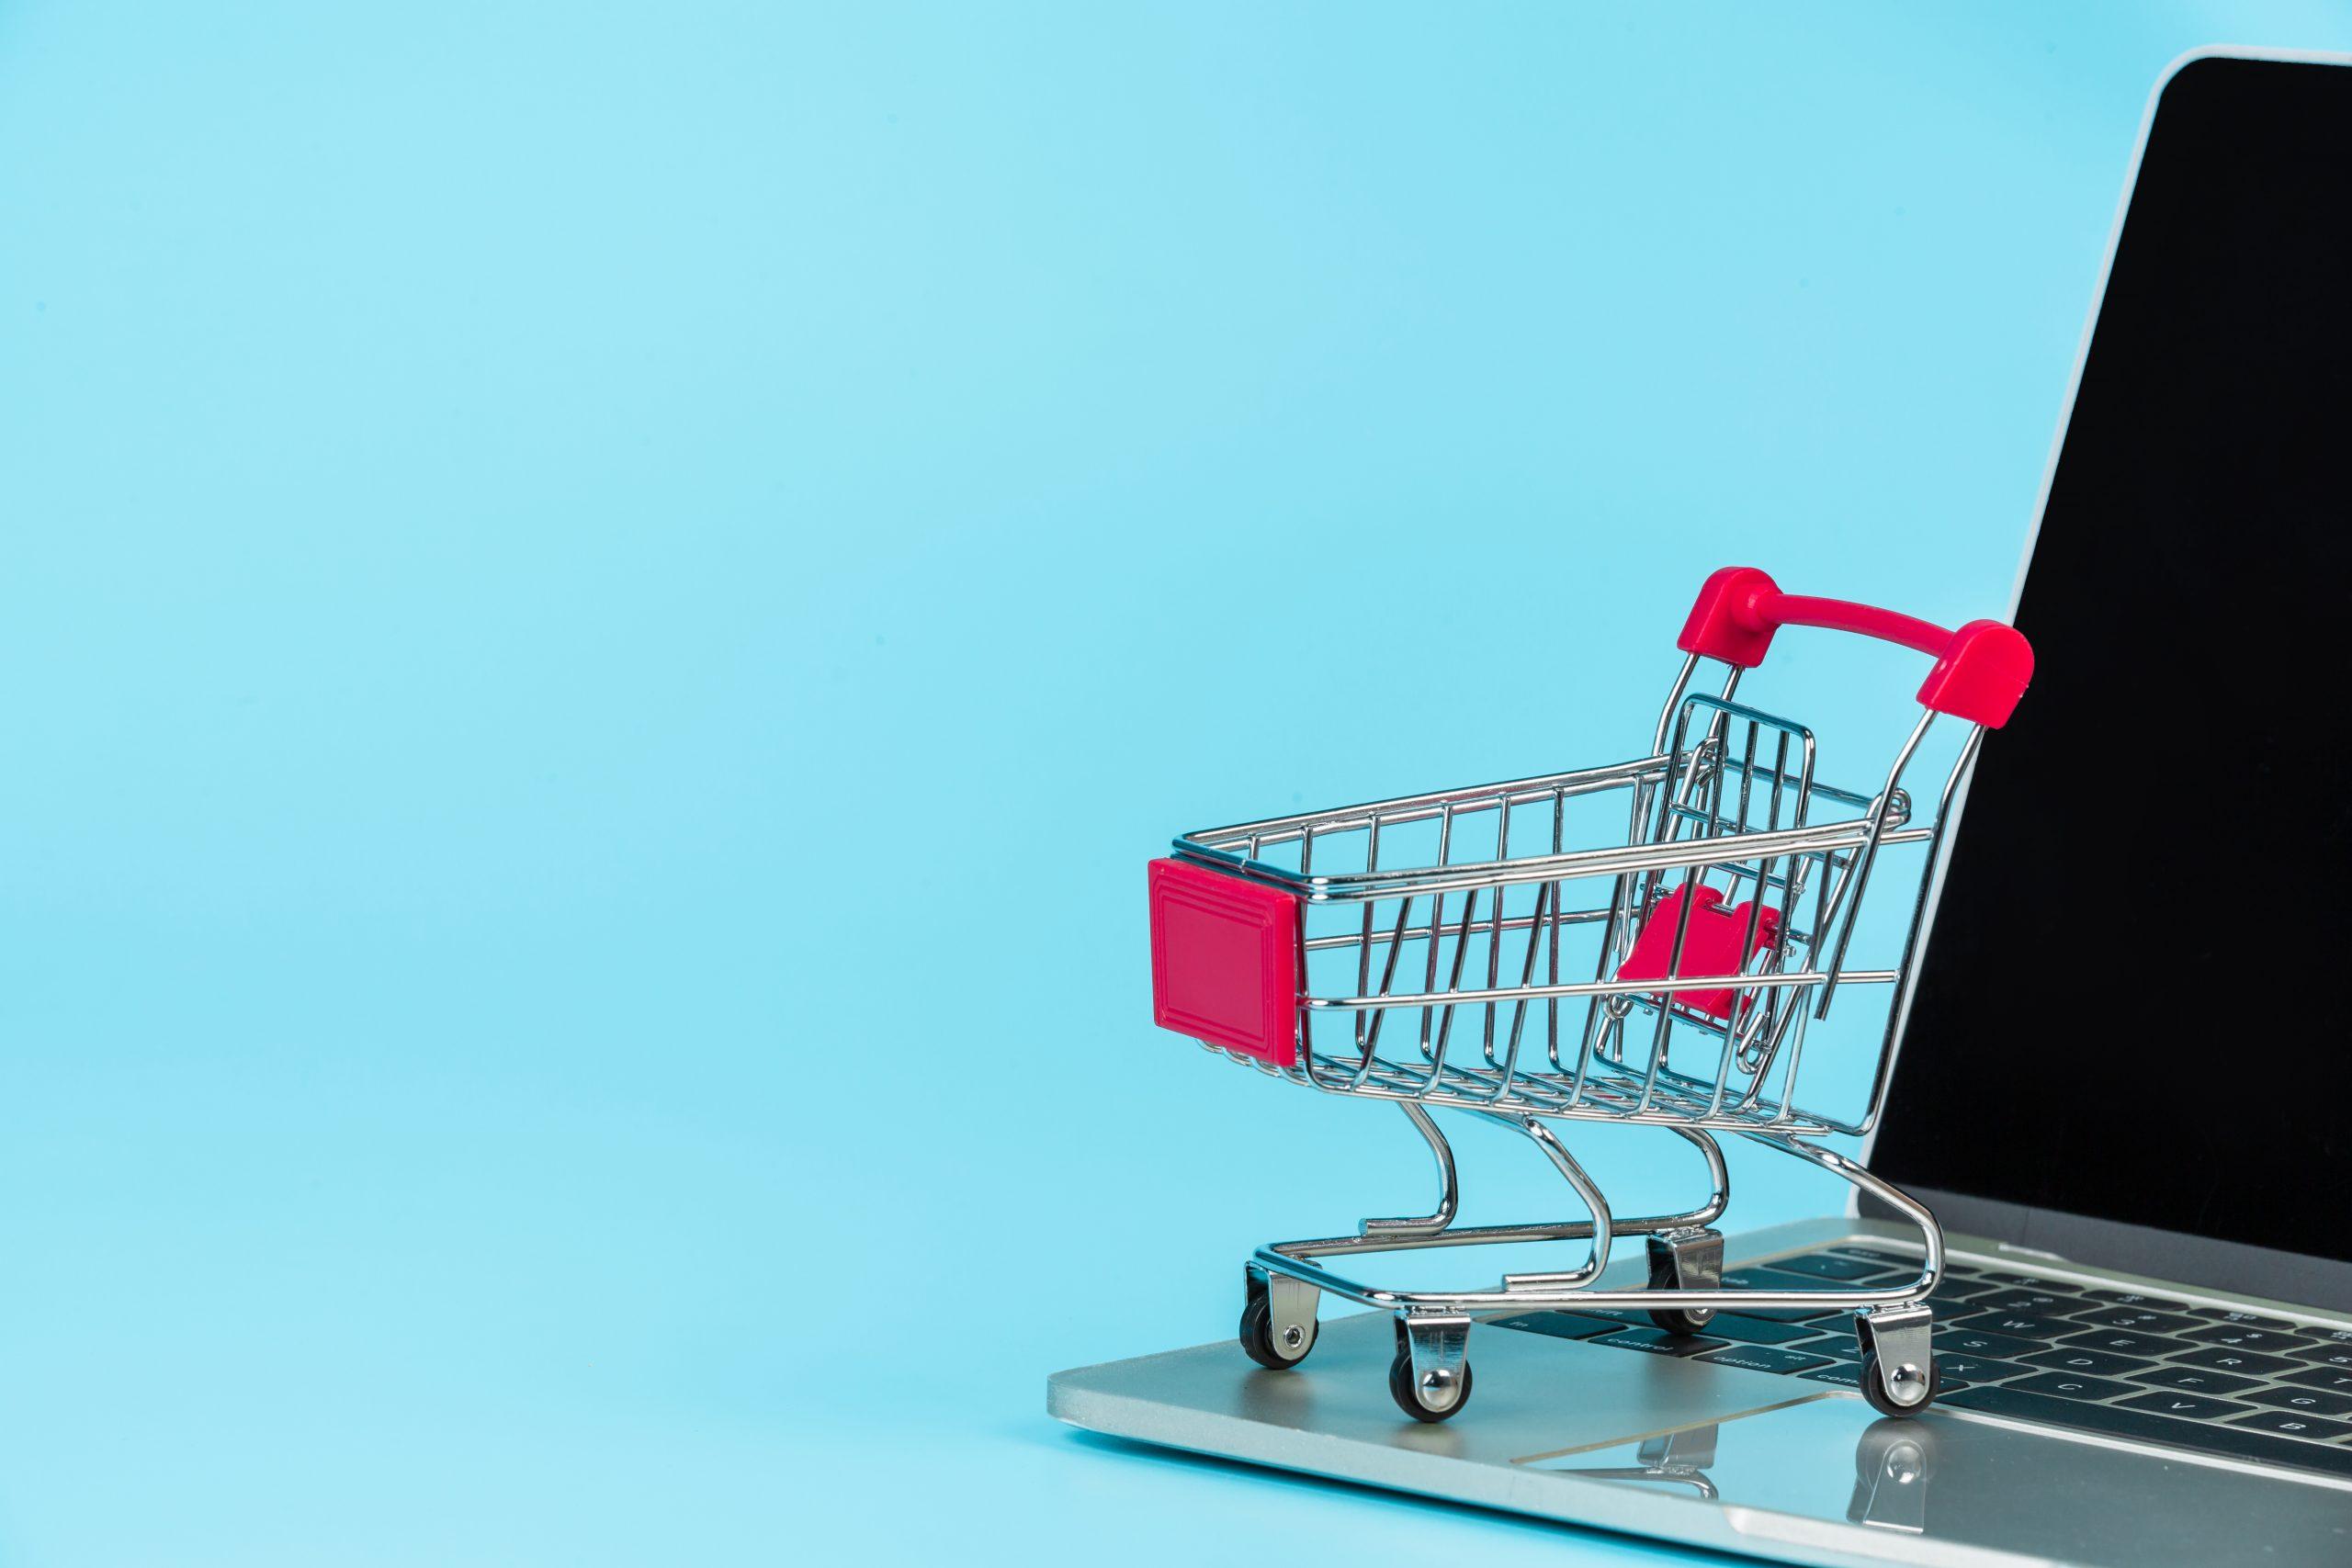 Antes de IPO, Nubank reforça oferta B2B e estreia no ecommerce comprando a Spin Pay